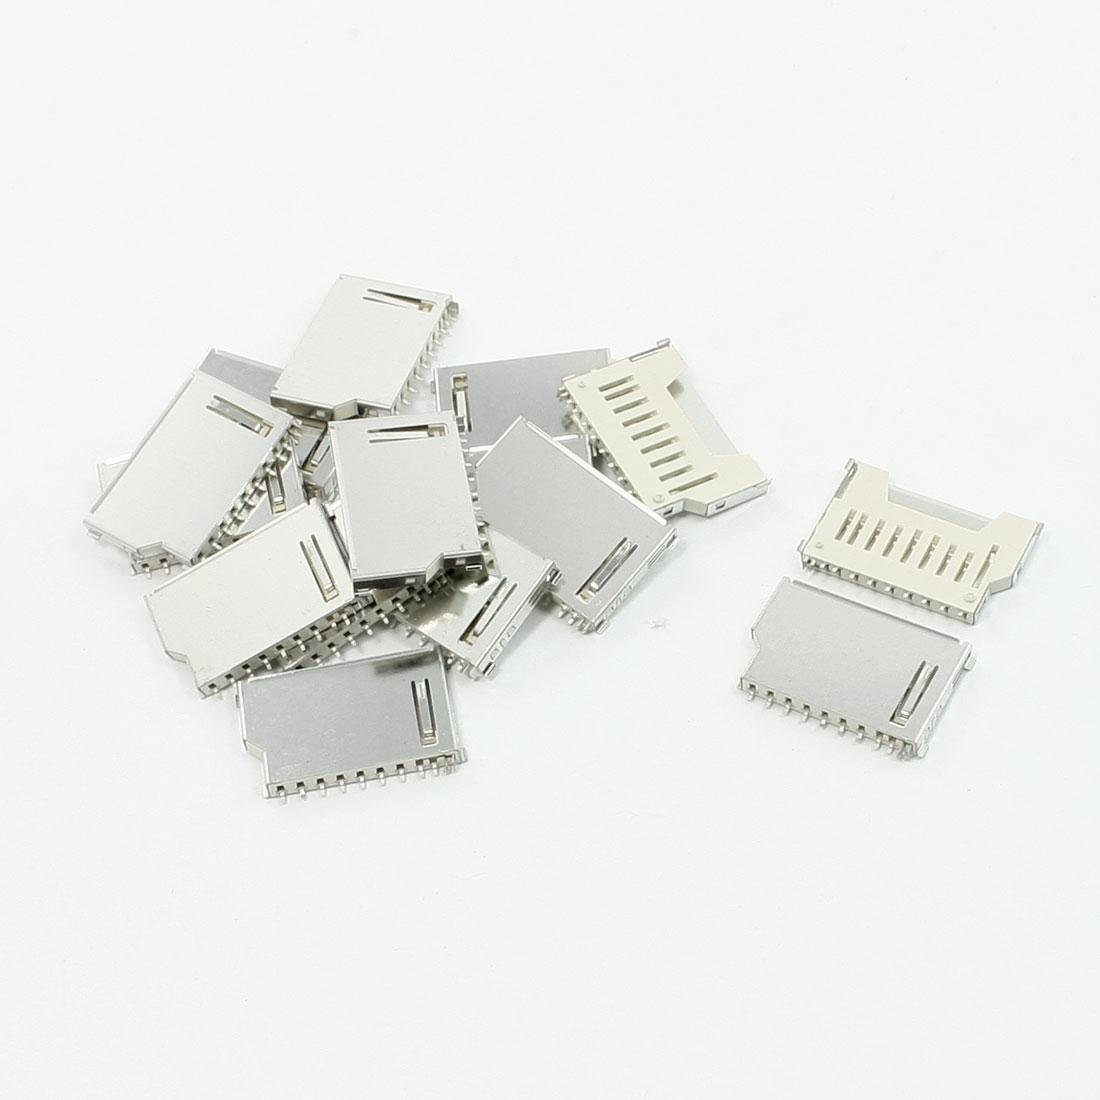 15Pcs SD Card Sockets Connectors Repairing Parts 16mm x 26mm